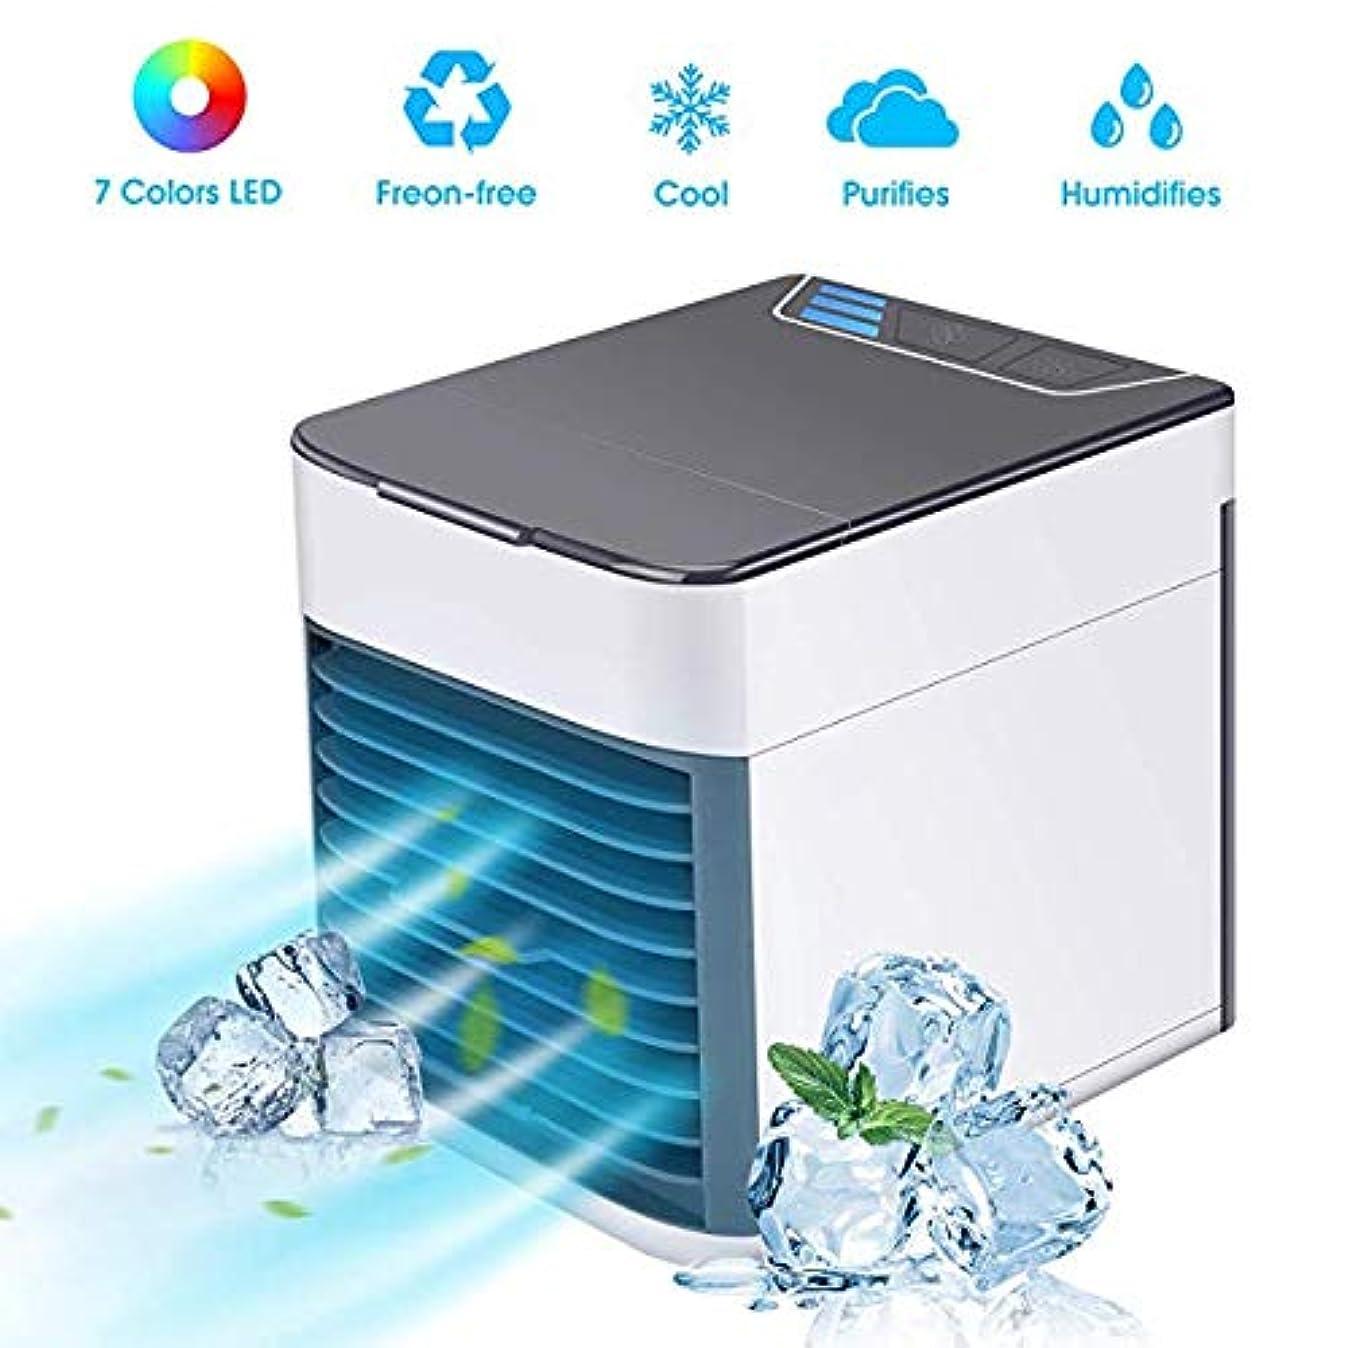 怒っている忍耐不定パーソナルクーラー、usbポータブルabs物質的な加湿器エアコンファンデスクトップ低ノイズオフィスキャンプ